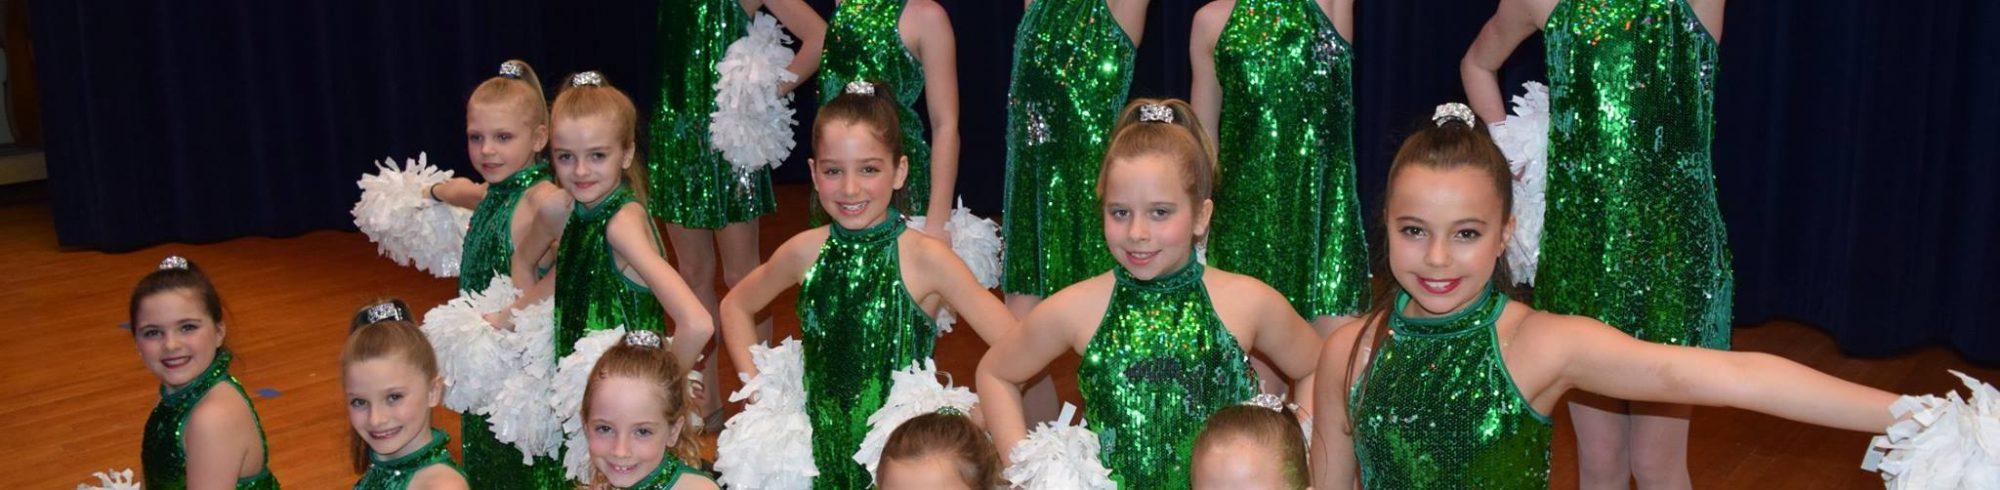 girls performing poms